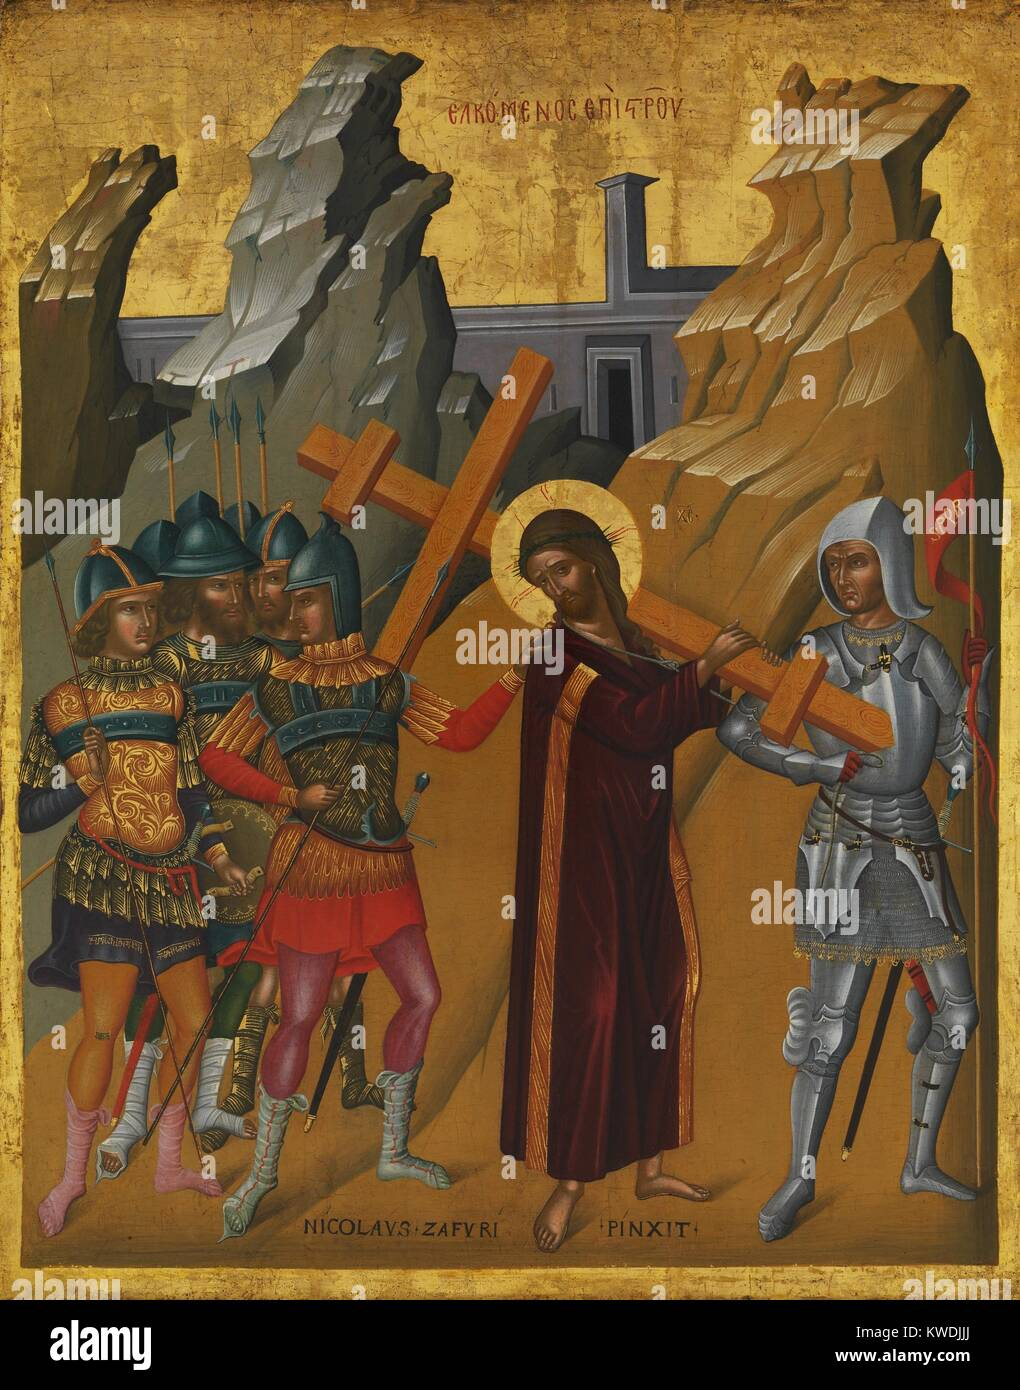 Christus mit dem Kreuz, durch Nikolaos Tzafouris, 1475-99, byzantinischen, kretische Öl Malerei. Von Soldaten Stockbild